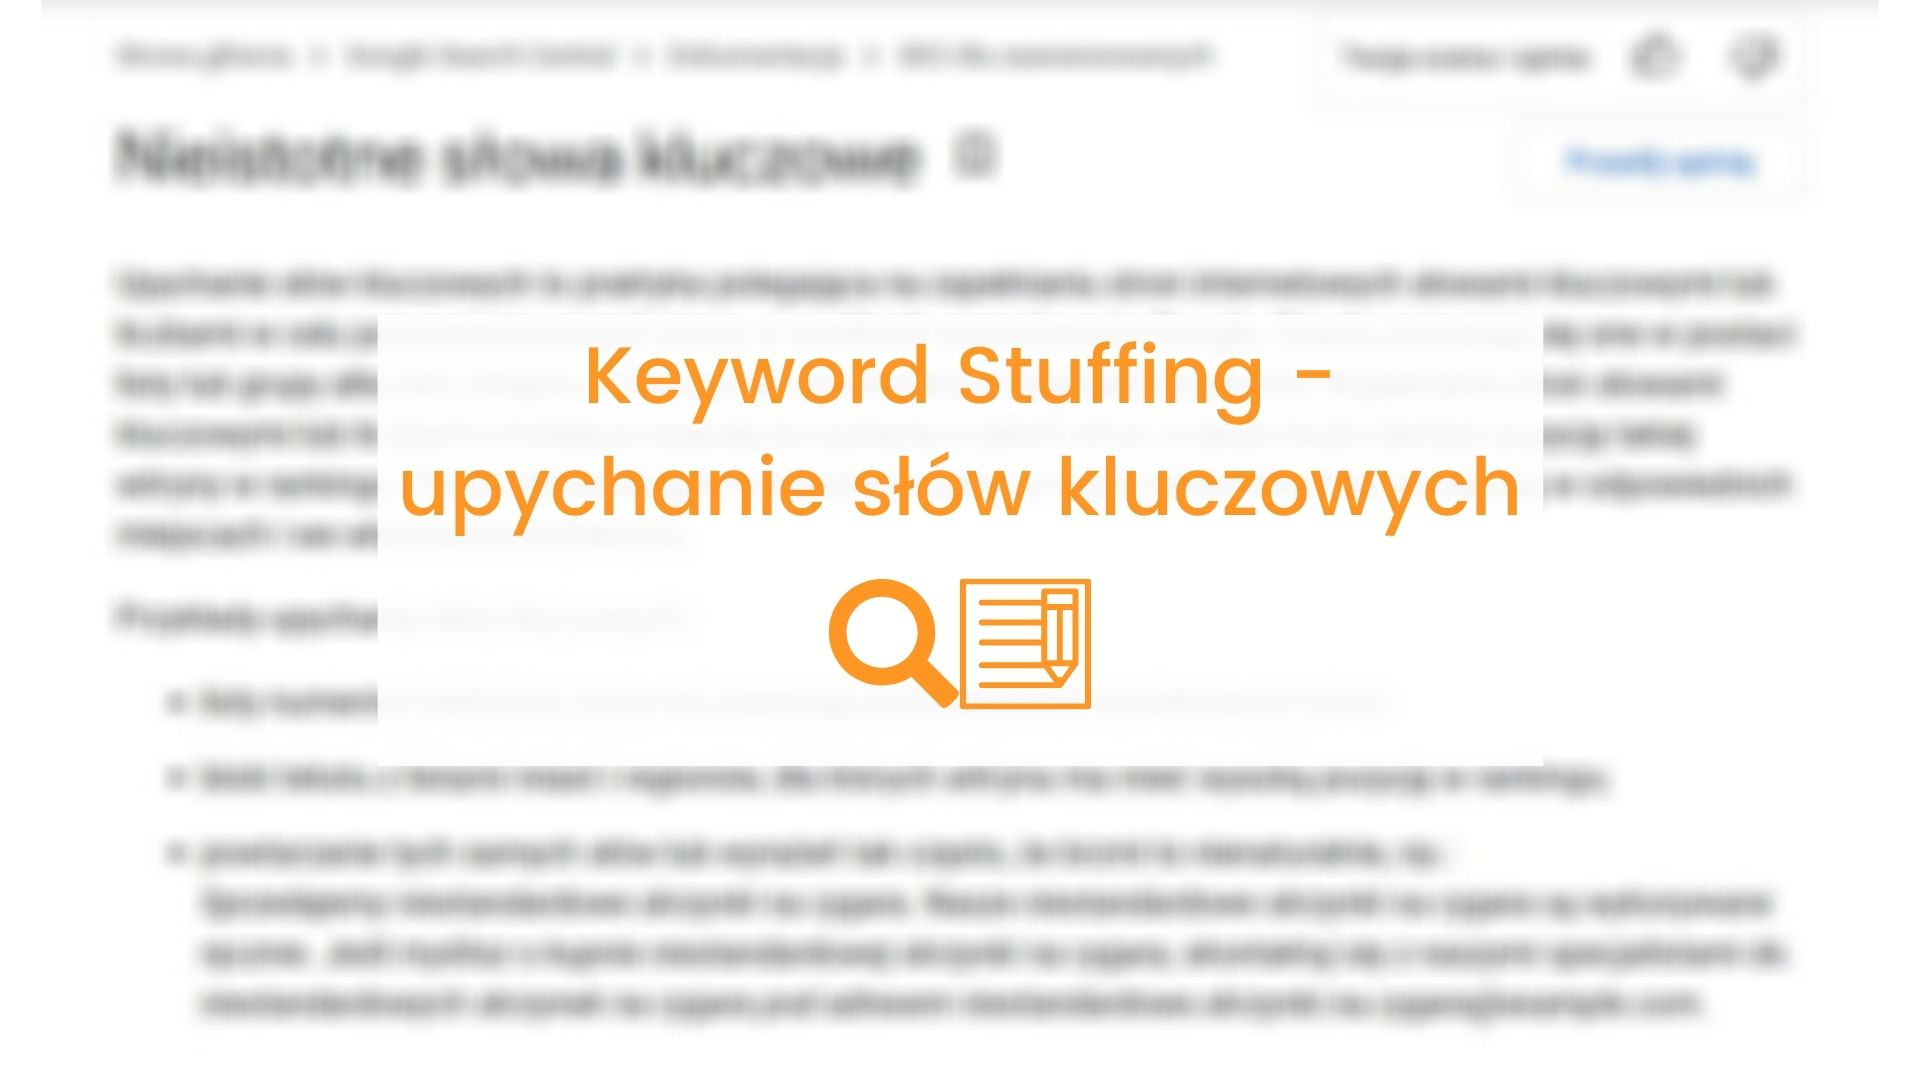 Keyword Stuffing – upychanie slow kluczowych – glowna